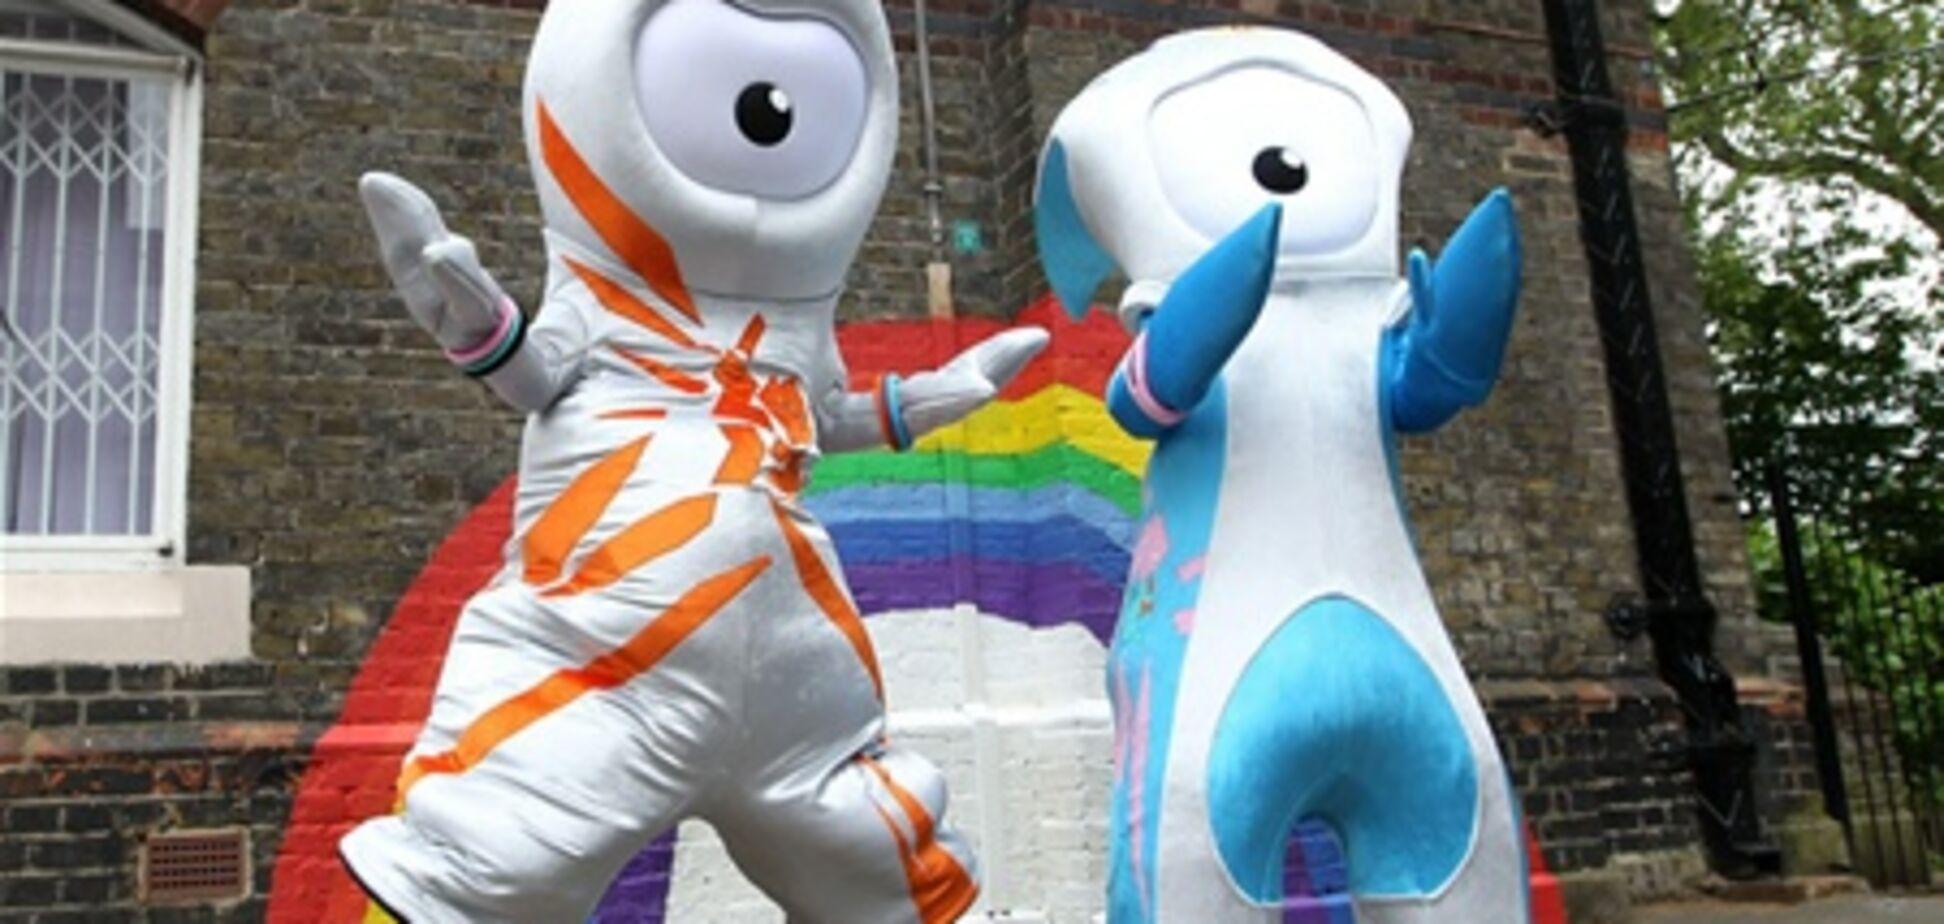 Страхітливі талісмани Олімпіади захоплюють Лондон